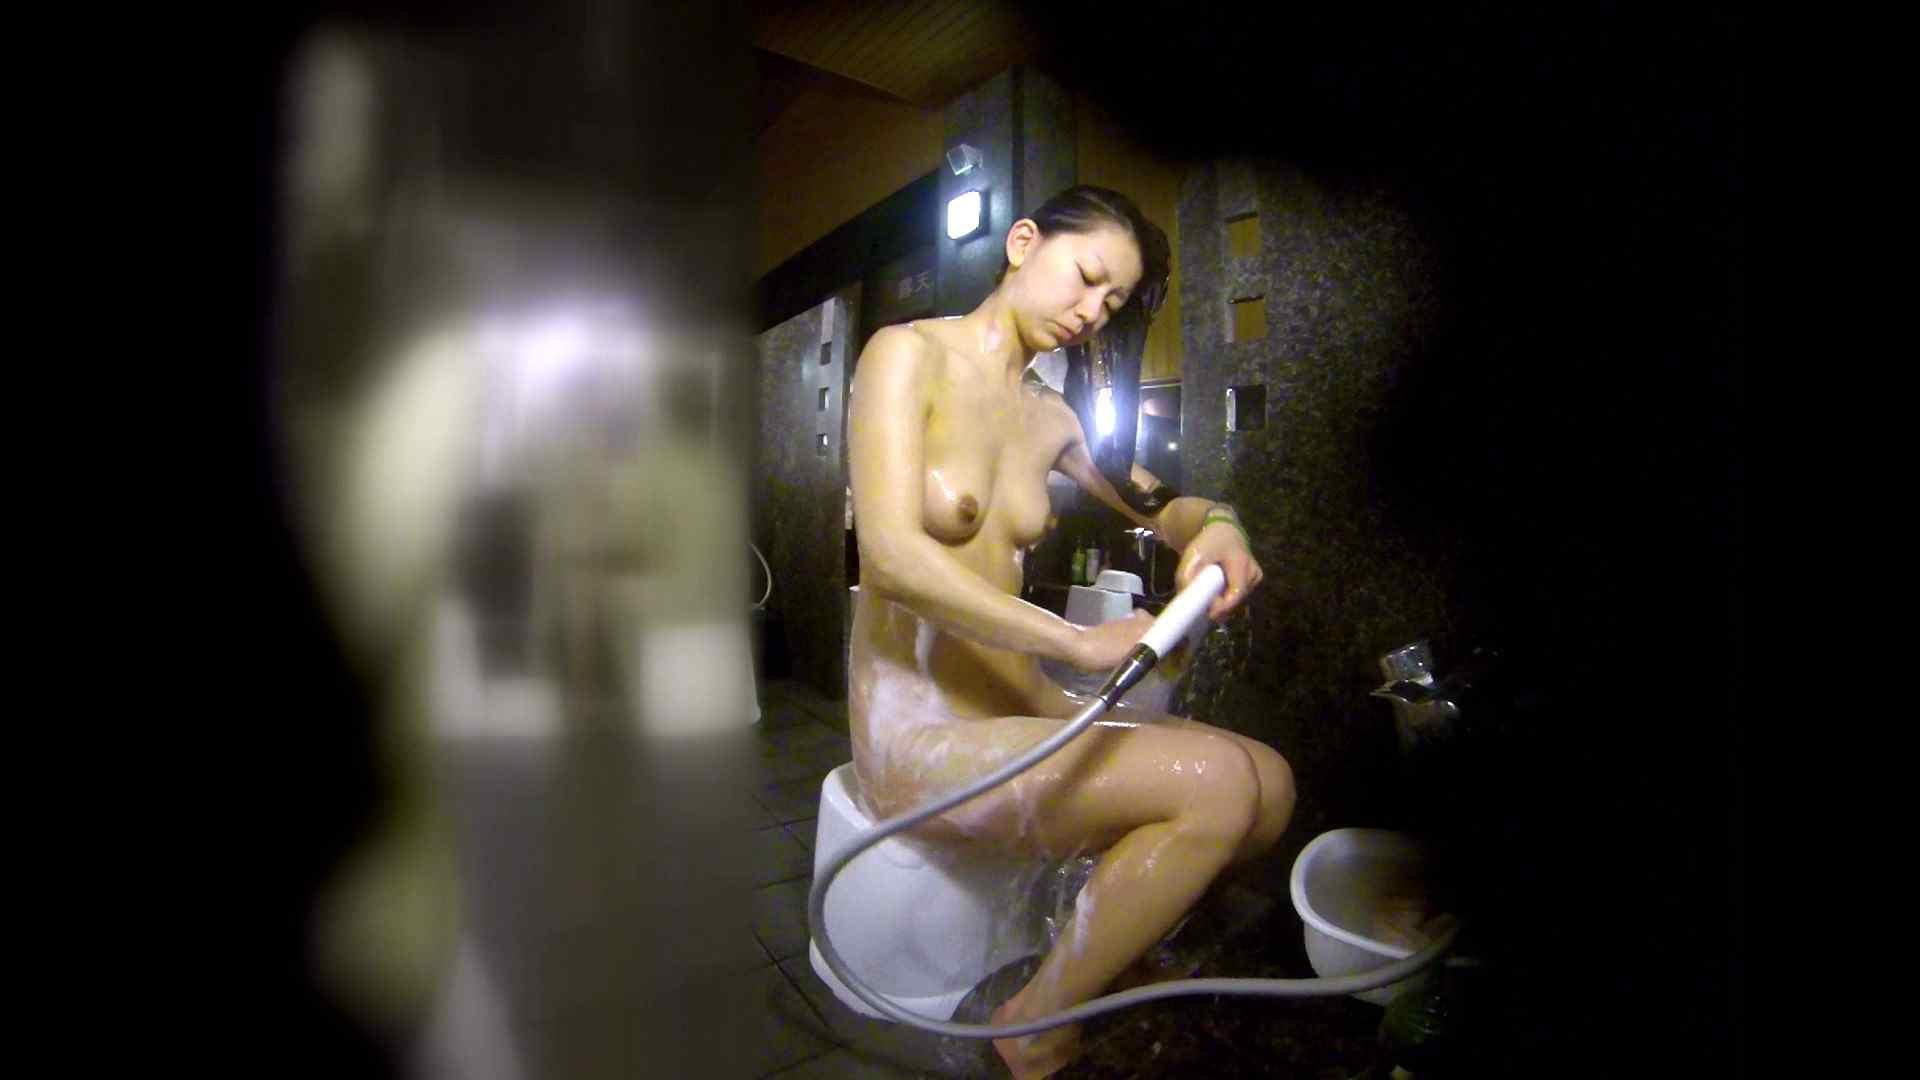 洗い場!綺麗なお女市さんは好きですか? 美乳 おめこ無修正動画無料 93枚 75